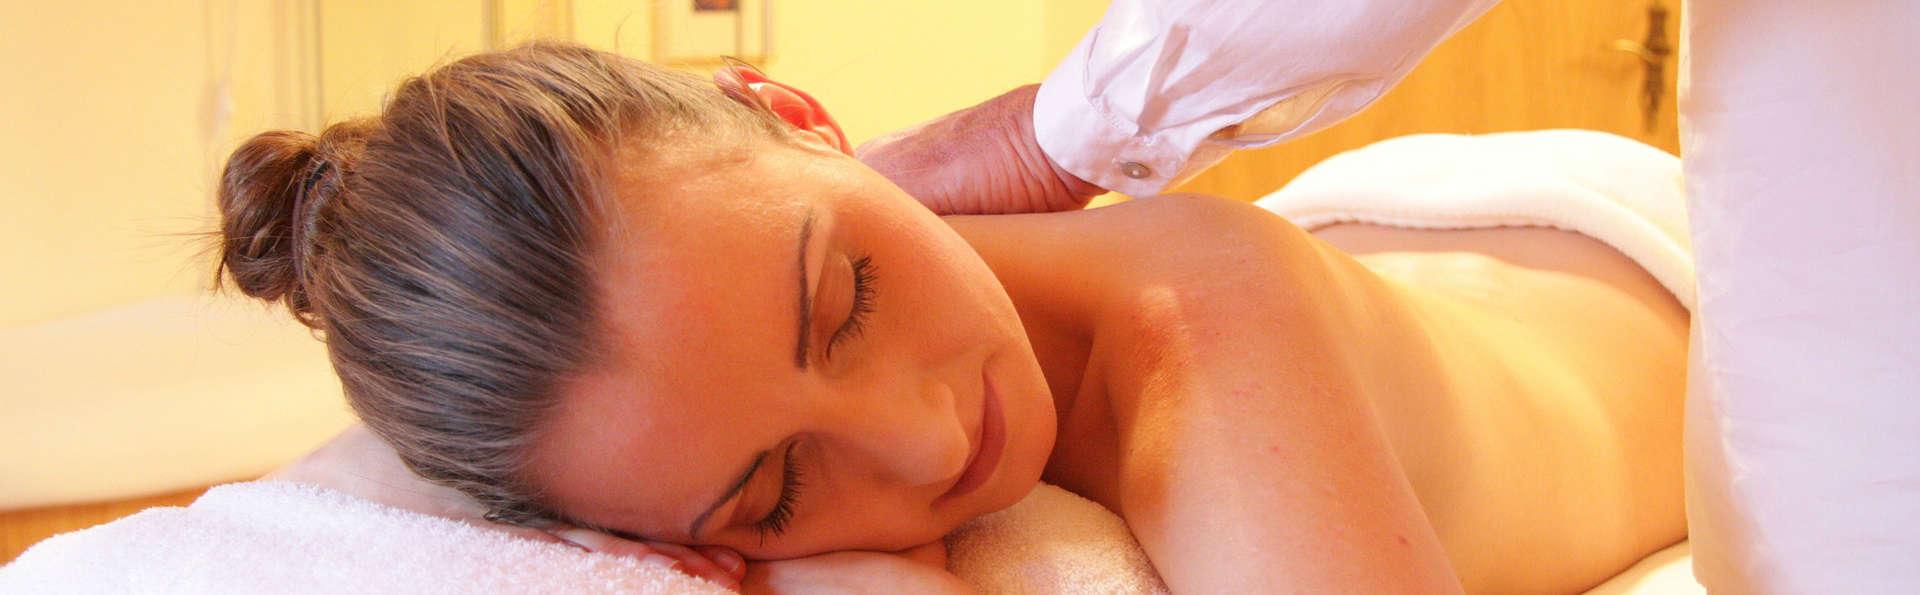 Week-end détente avec massage près de Doñana